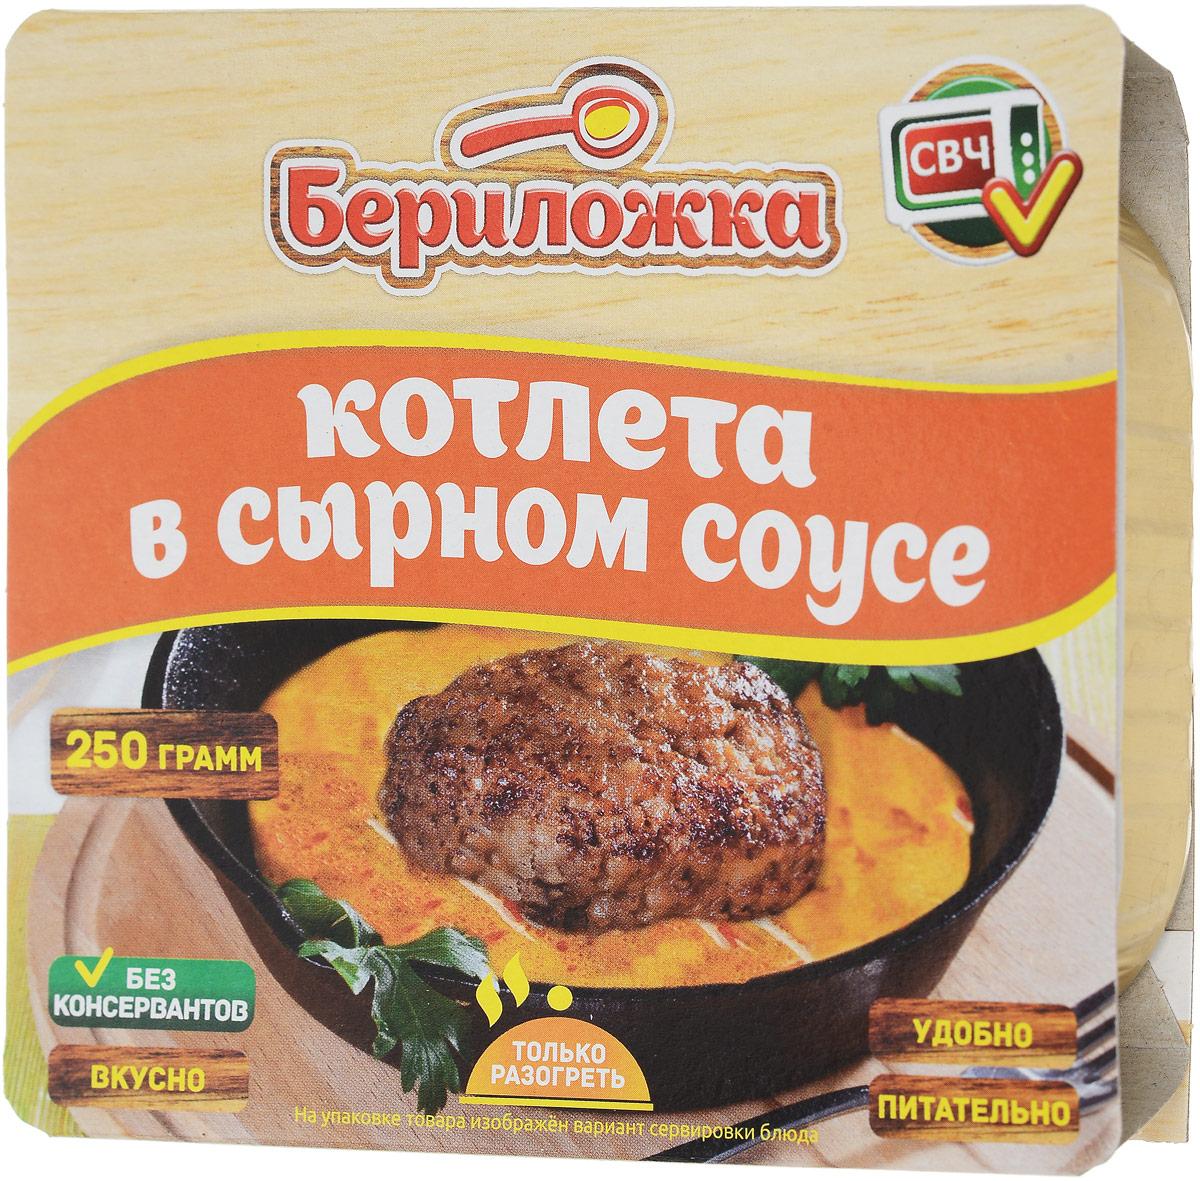 Бериложка котлета в сырном соусе, 250 г